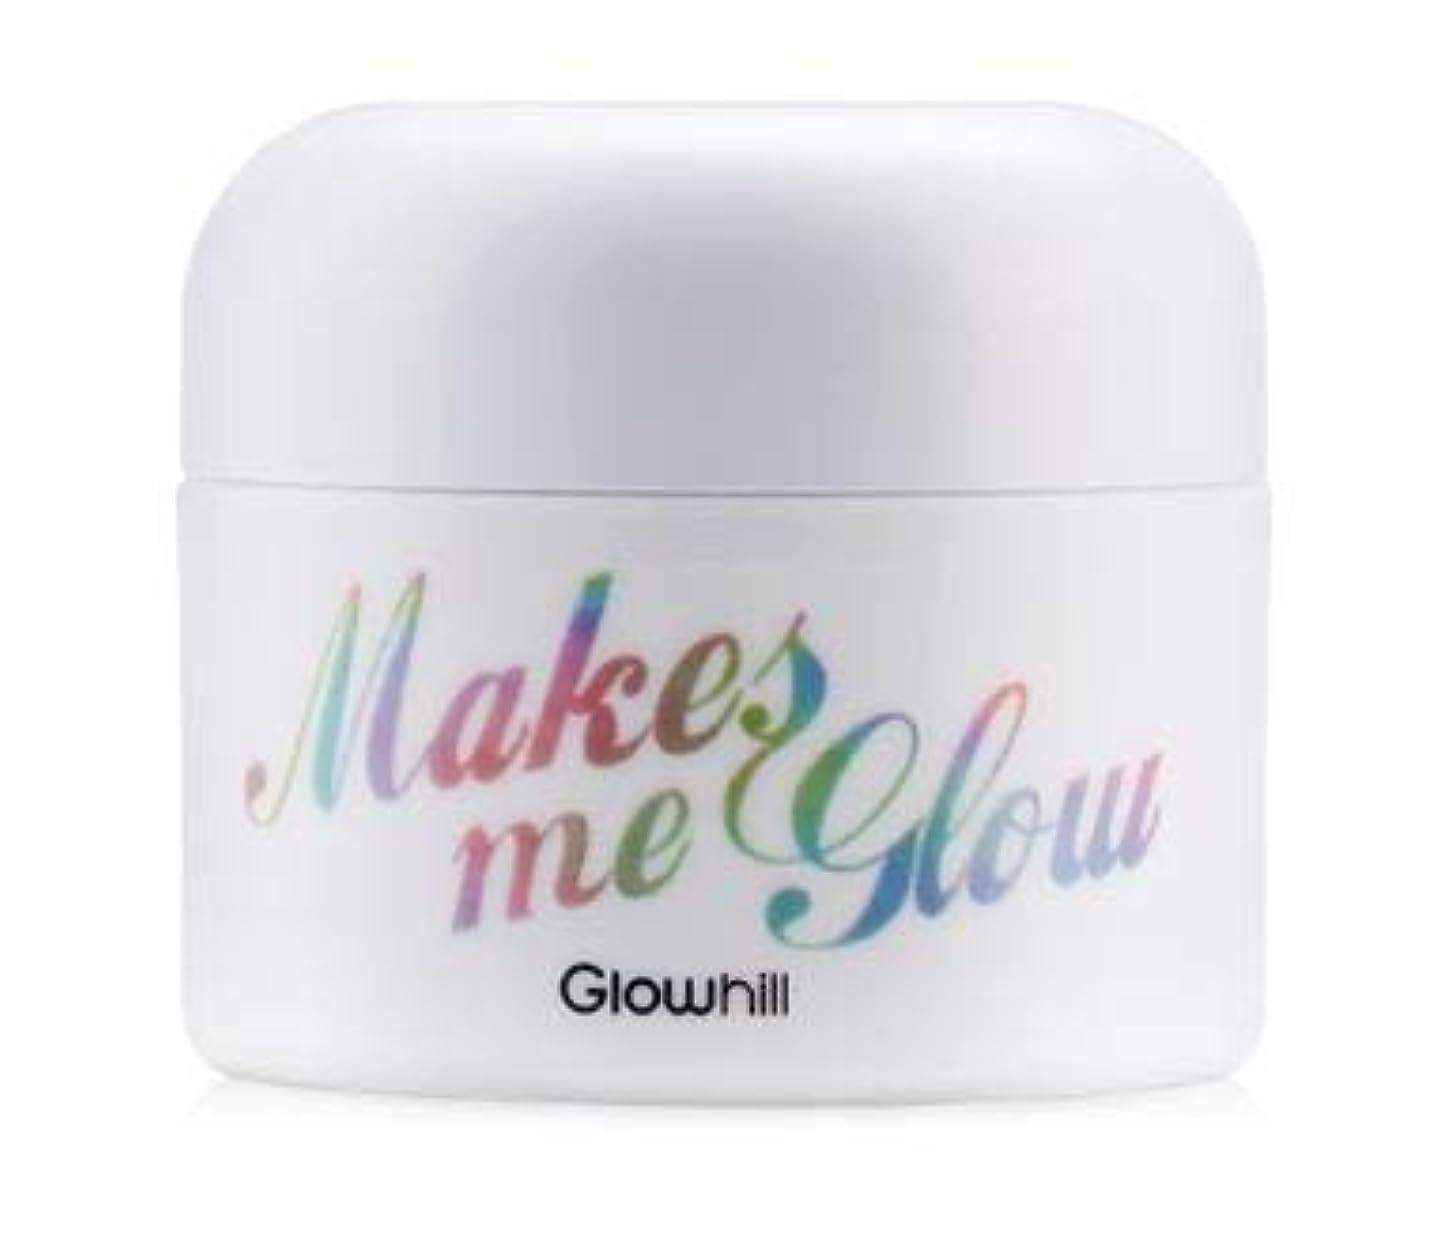 支援するどこ南[Glowhill] Aurora Whitehole Glow Mask / [グローヒル] オーロラホワイトホールグローマスク [並行輸入品]